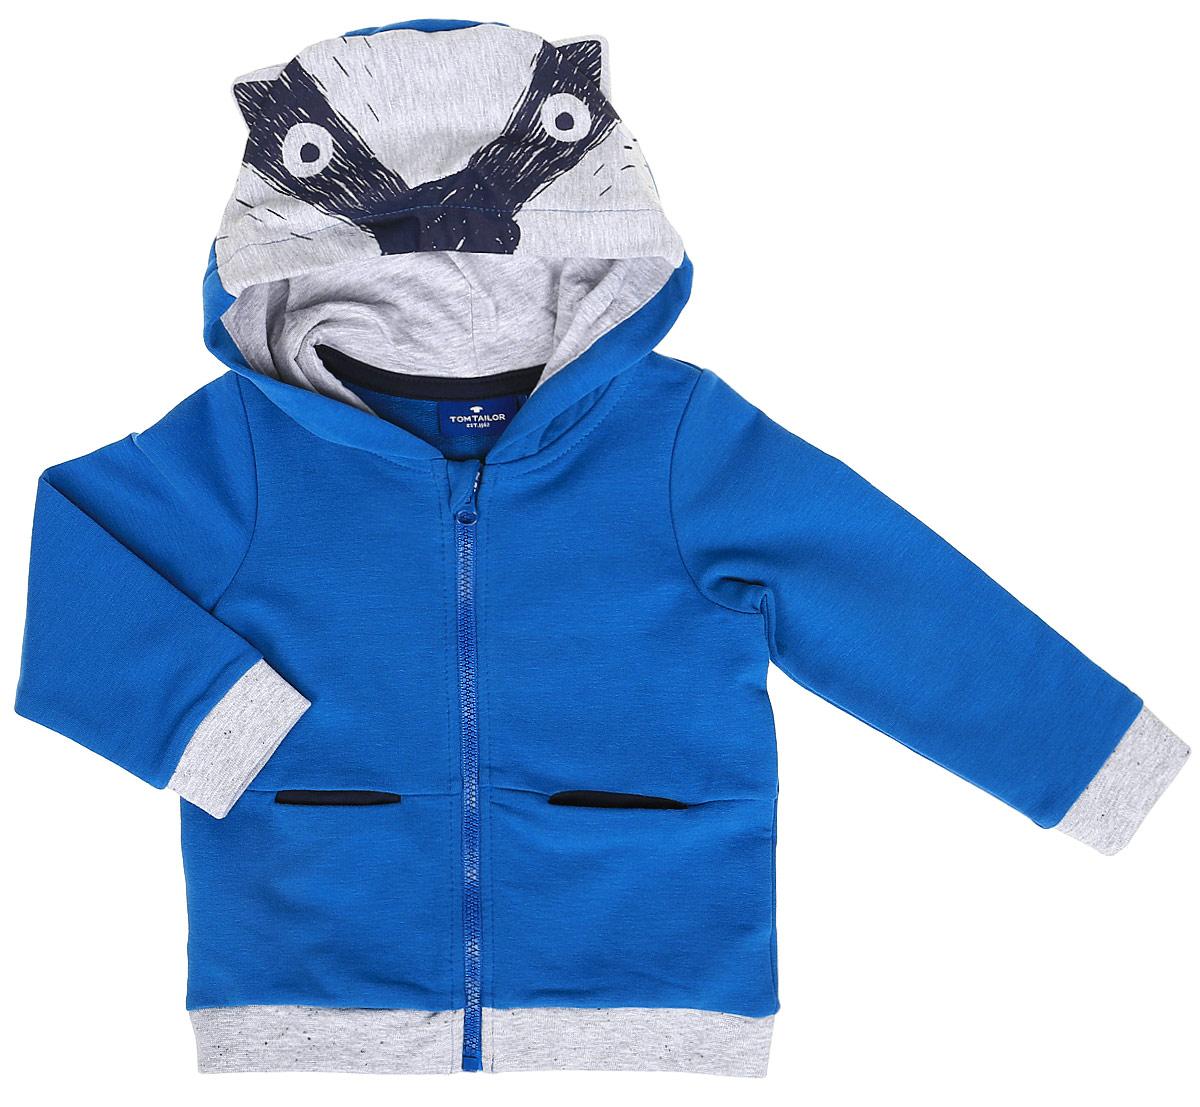 Толстовка для новорожденного Tom Tailor, цвет: голубой. 2531212.00.22_6086. Размер 742531212.00.22_6086Толстовка для новорожденного Tom Tailor выполнена из эластичного хлопка. Модель с капюшоном и длинными рукавами спереди дополнена карманами и застегивается на молнию. Толстовка оформлена оригинальным принтом с изображением енота.